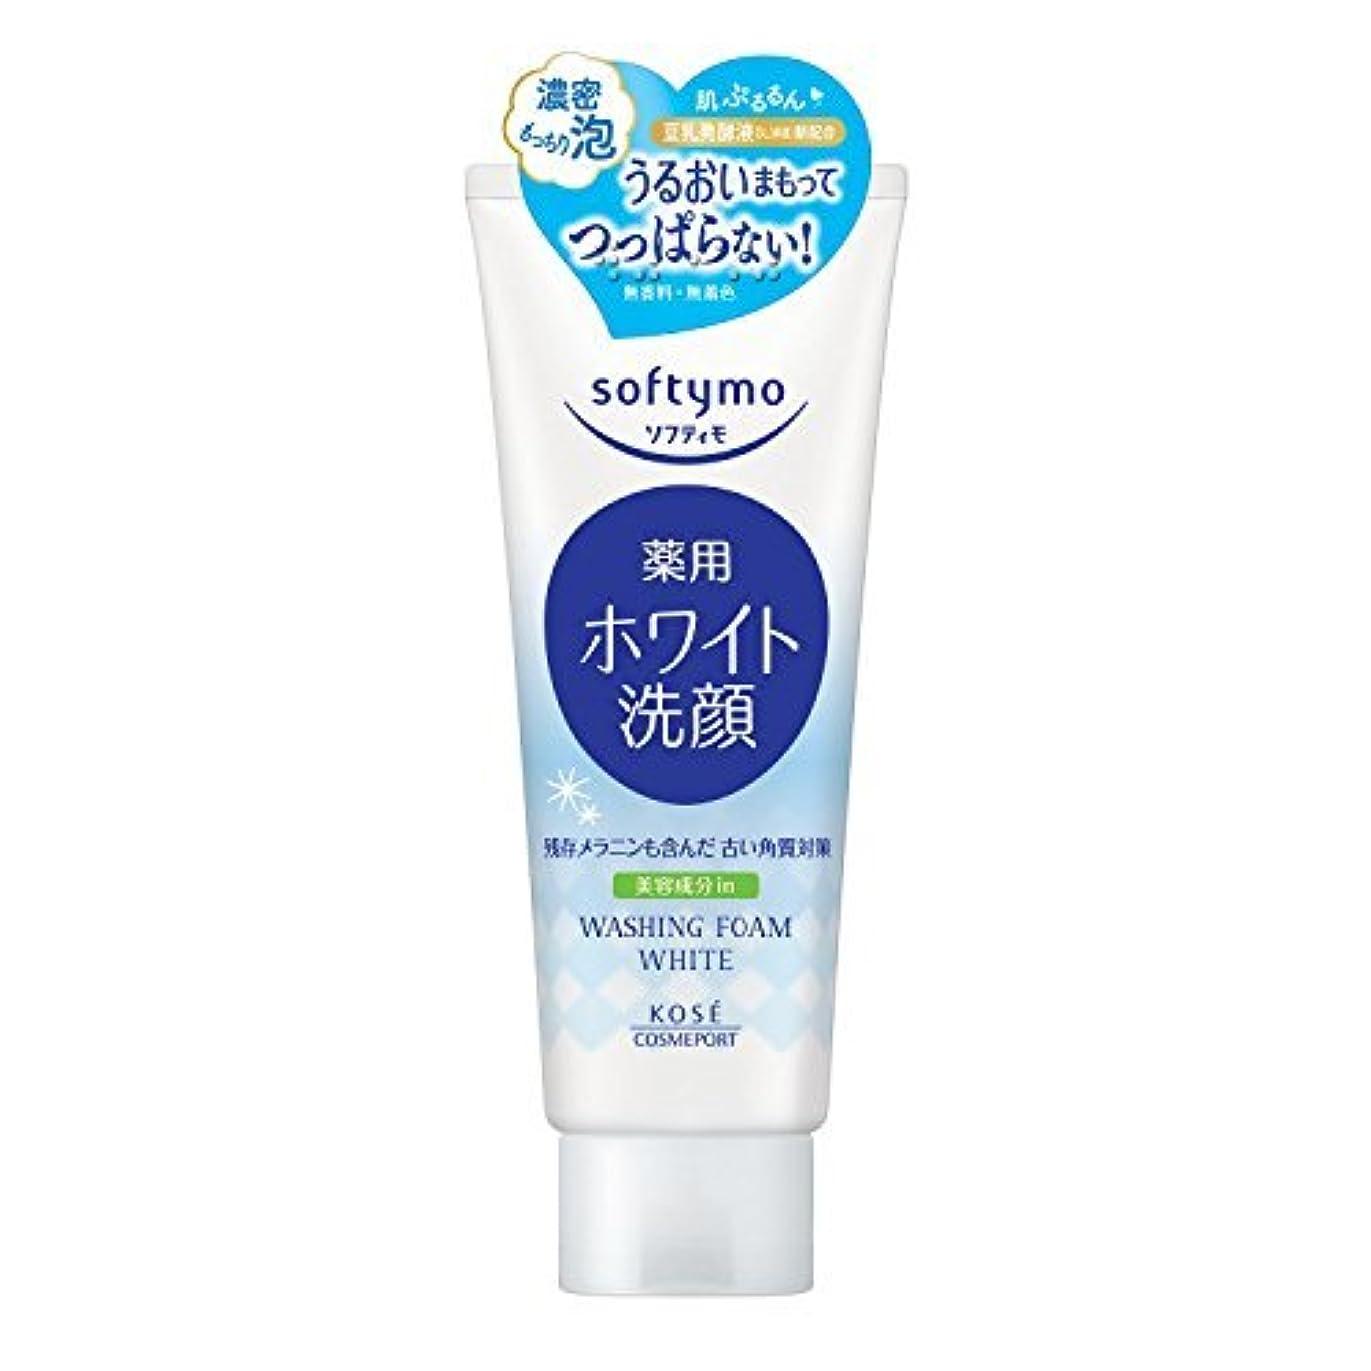 確実元の誰かKOSE コーセー ソフティモ ホワイト 薬用洗顔フォーム 150g (医薬部外品)